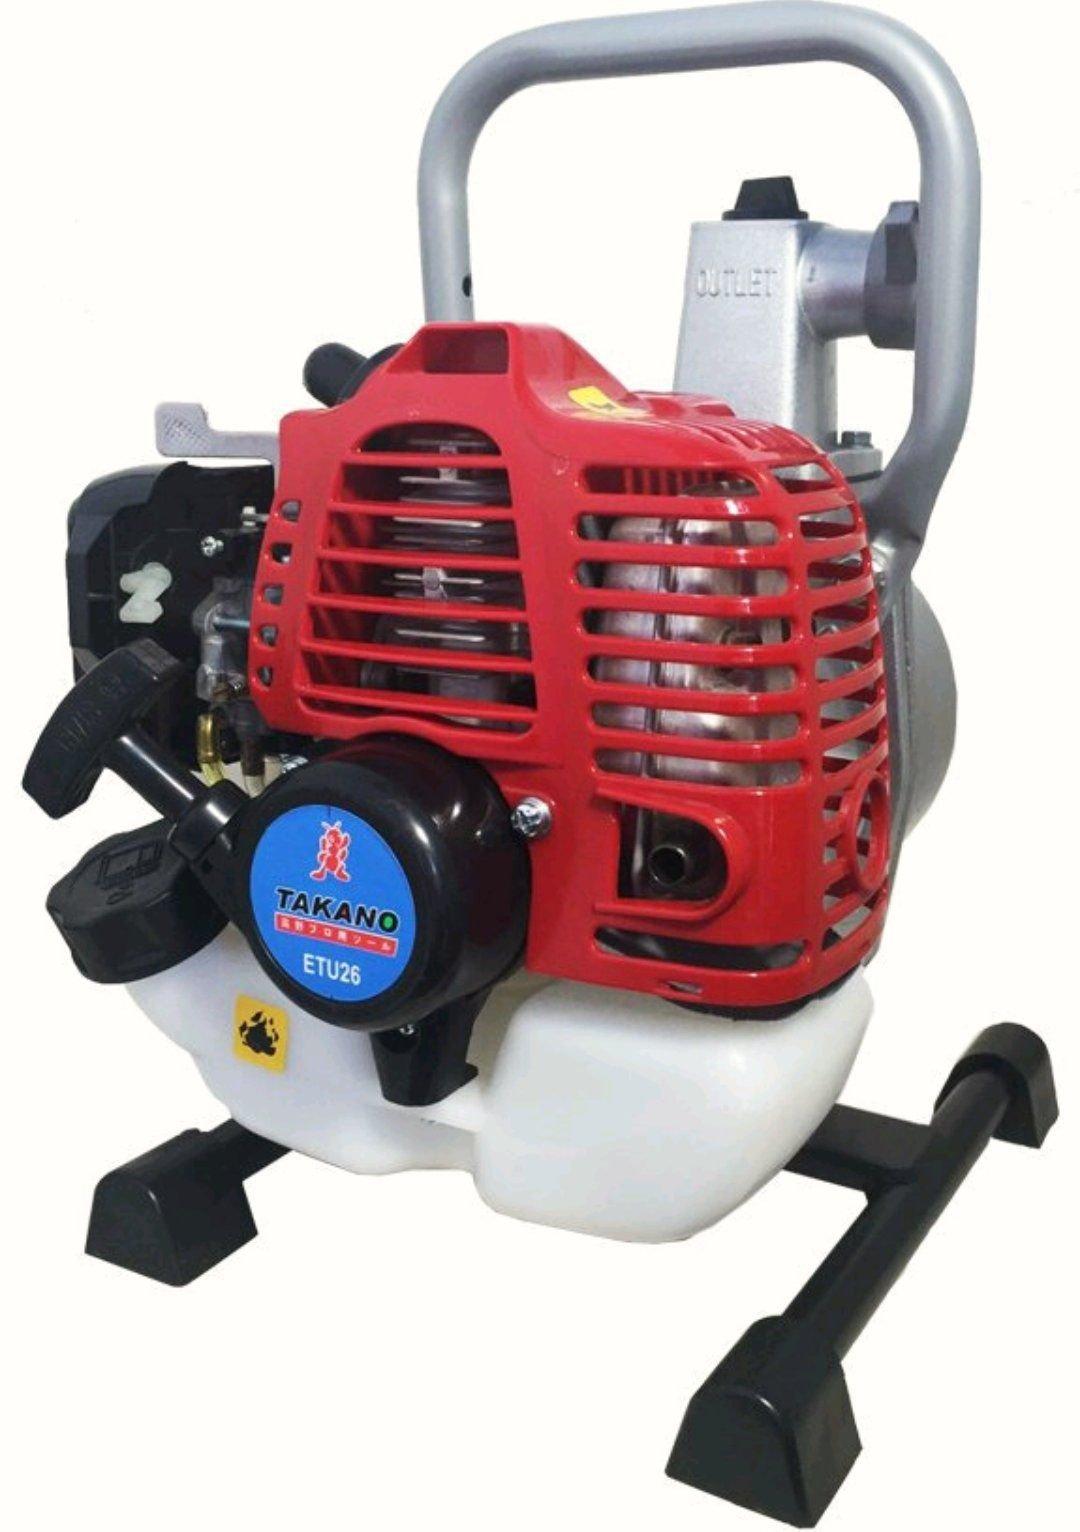 工具醫院 日本 TAKANO 高野 ETU26 引擎抽水機 自吸式 引擎幫浦 抽水馬達 抽水引擎 1英吋 非 三菱TU26 TB26 TB43